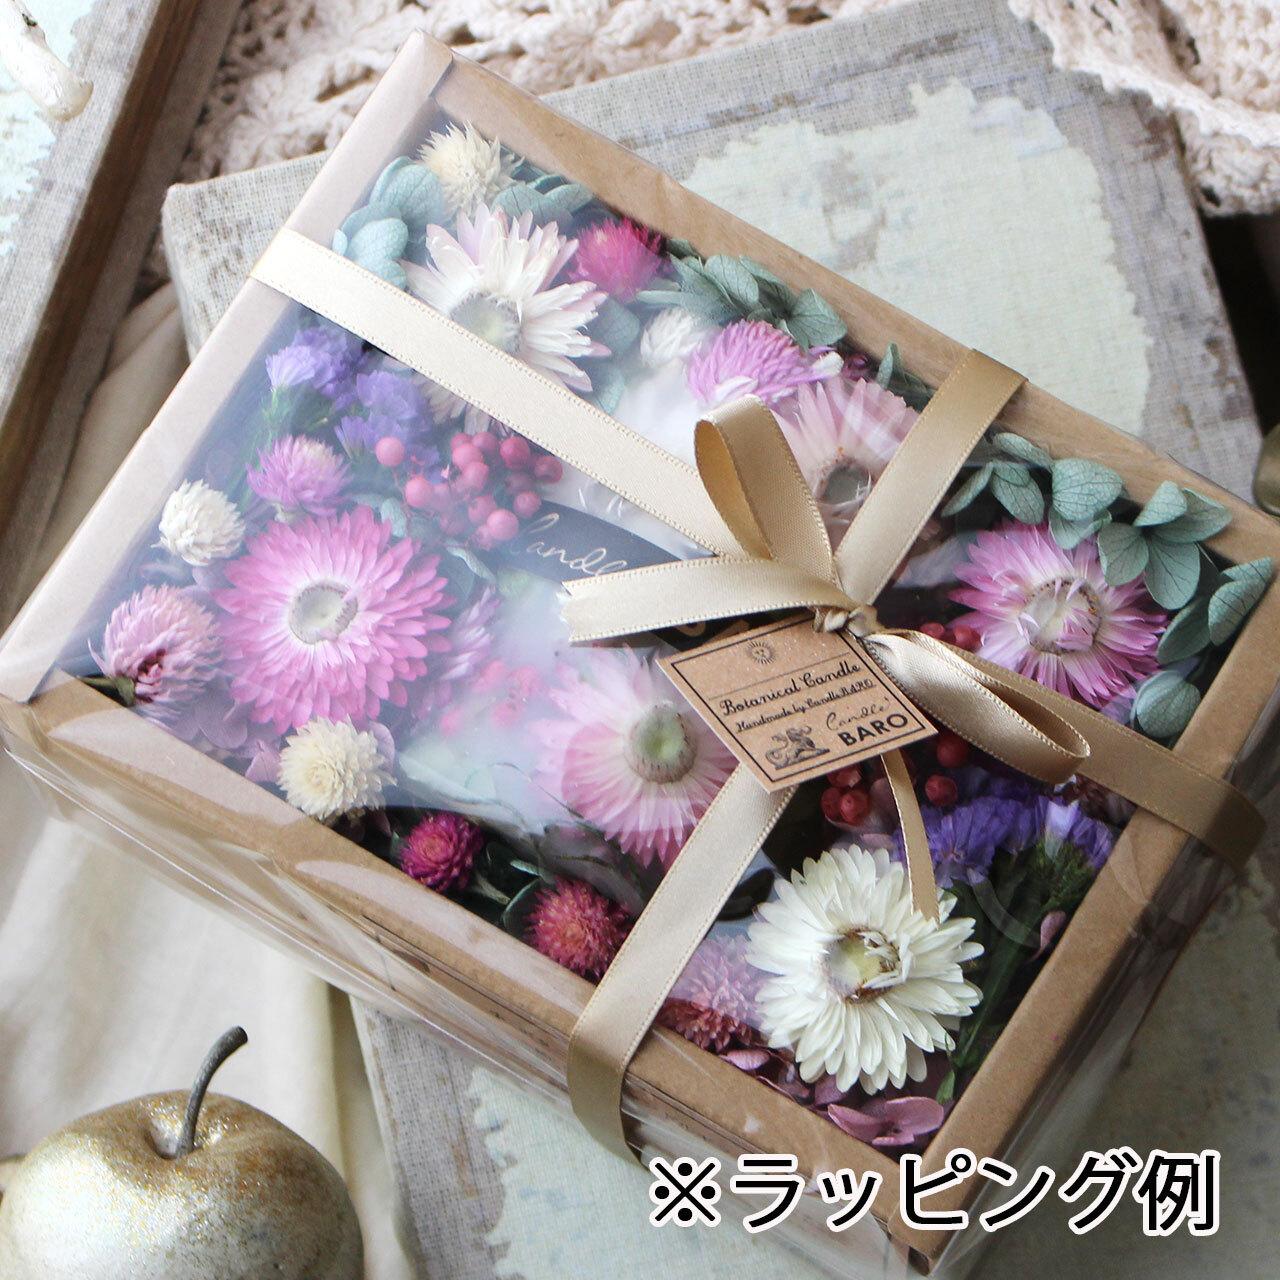 H454 透明ラッピング&紙袋付き☆ボタニカルキャンドルギフト プリザーブドローズ